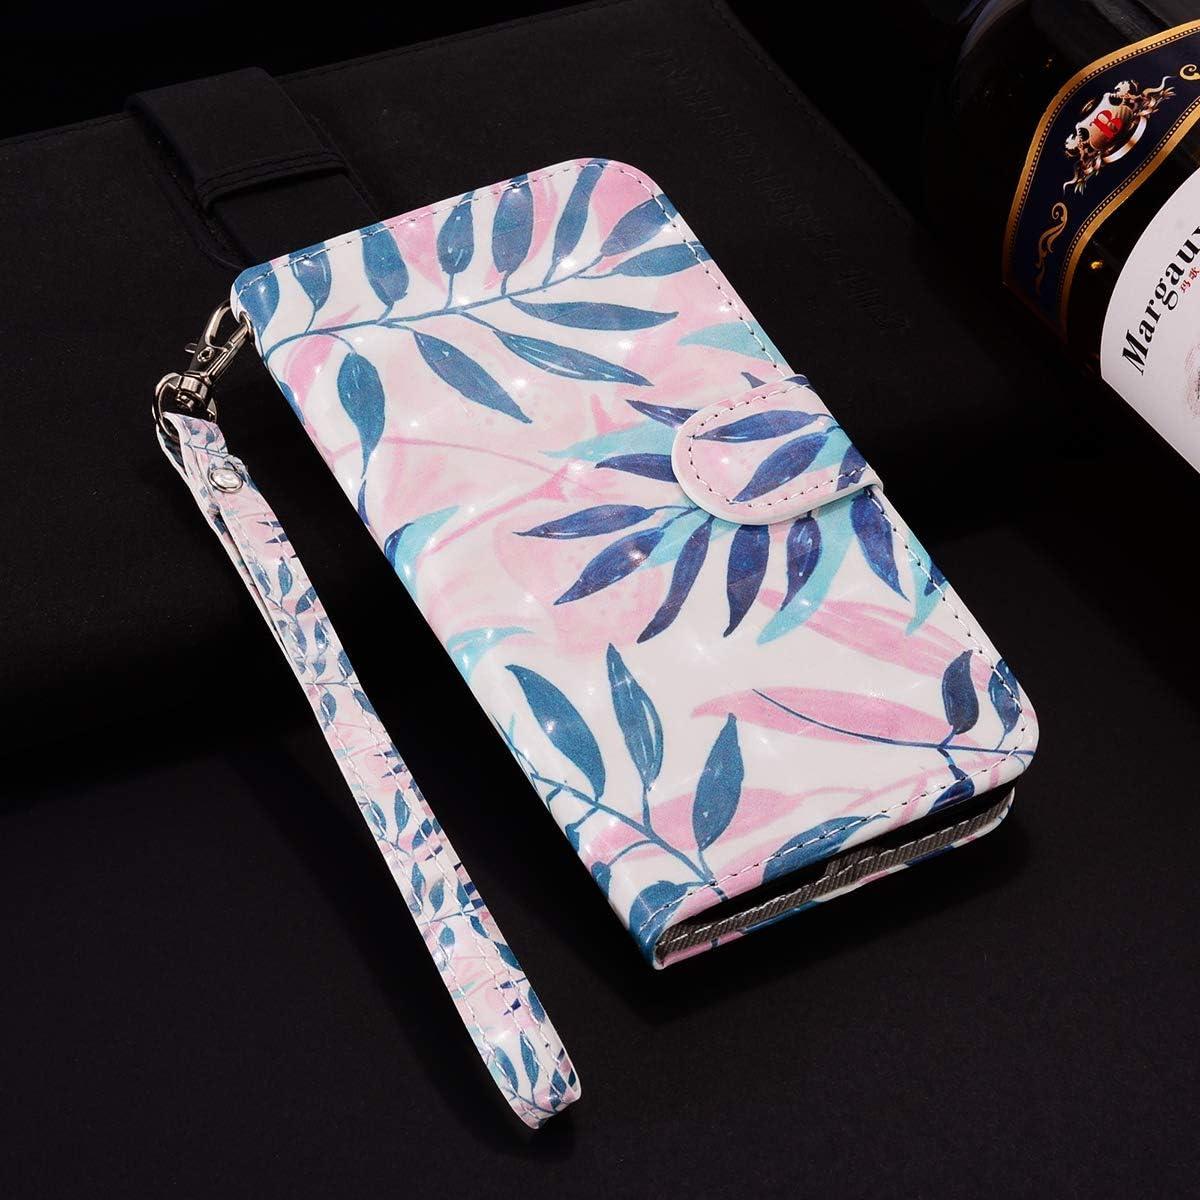 Surakey PU Leder H/ülle f/ür Huawei Y6 Pro 2017 Handyh/ülle Handytasche 3D Gemalt Muster Glitzer PU Tasche Schutzh/ülle Flip Case Brieftasche Etui Wallet Case St/änder Kartenf/ächer Lila Quadrat